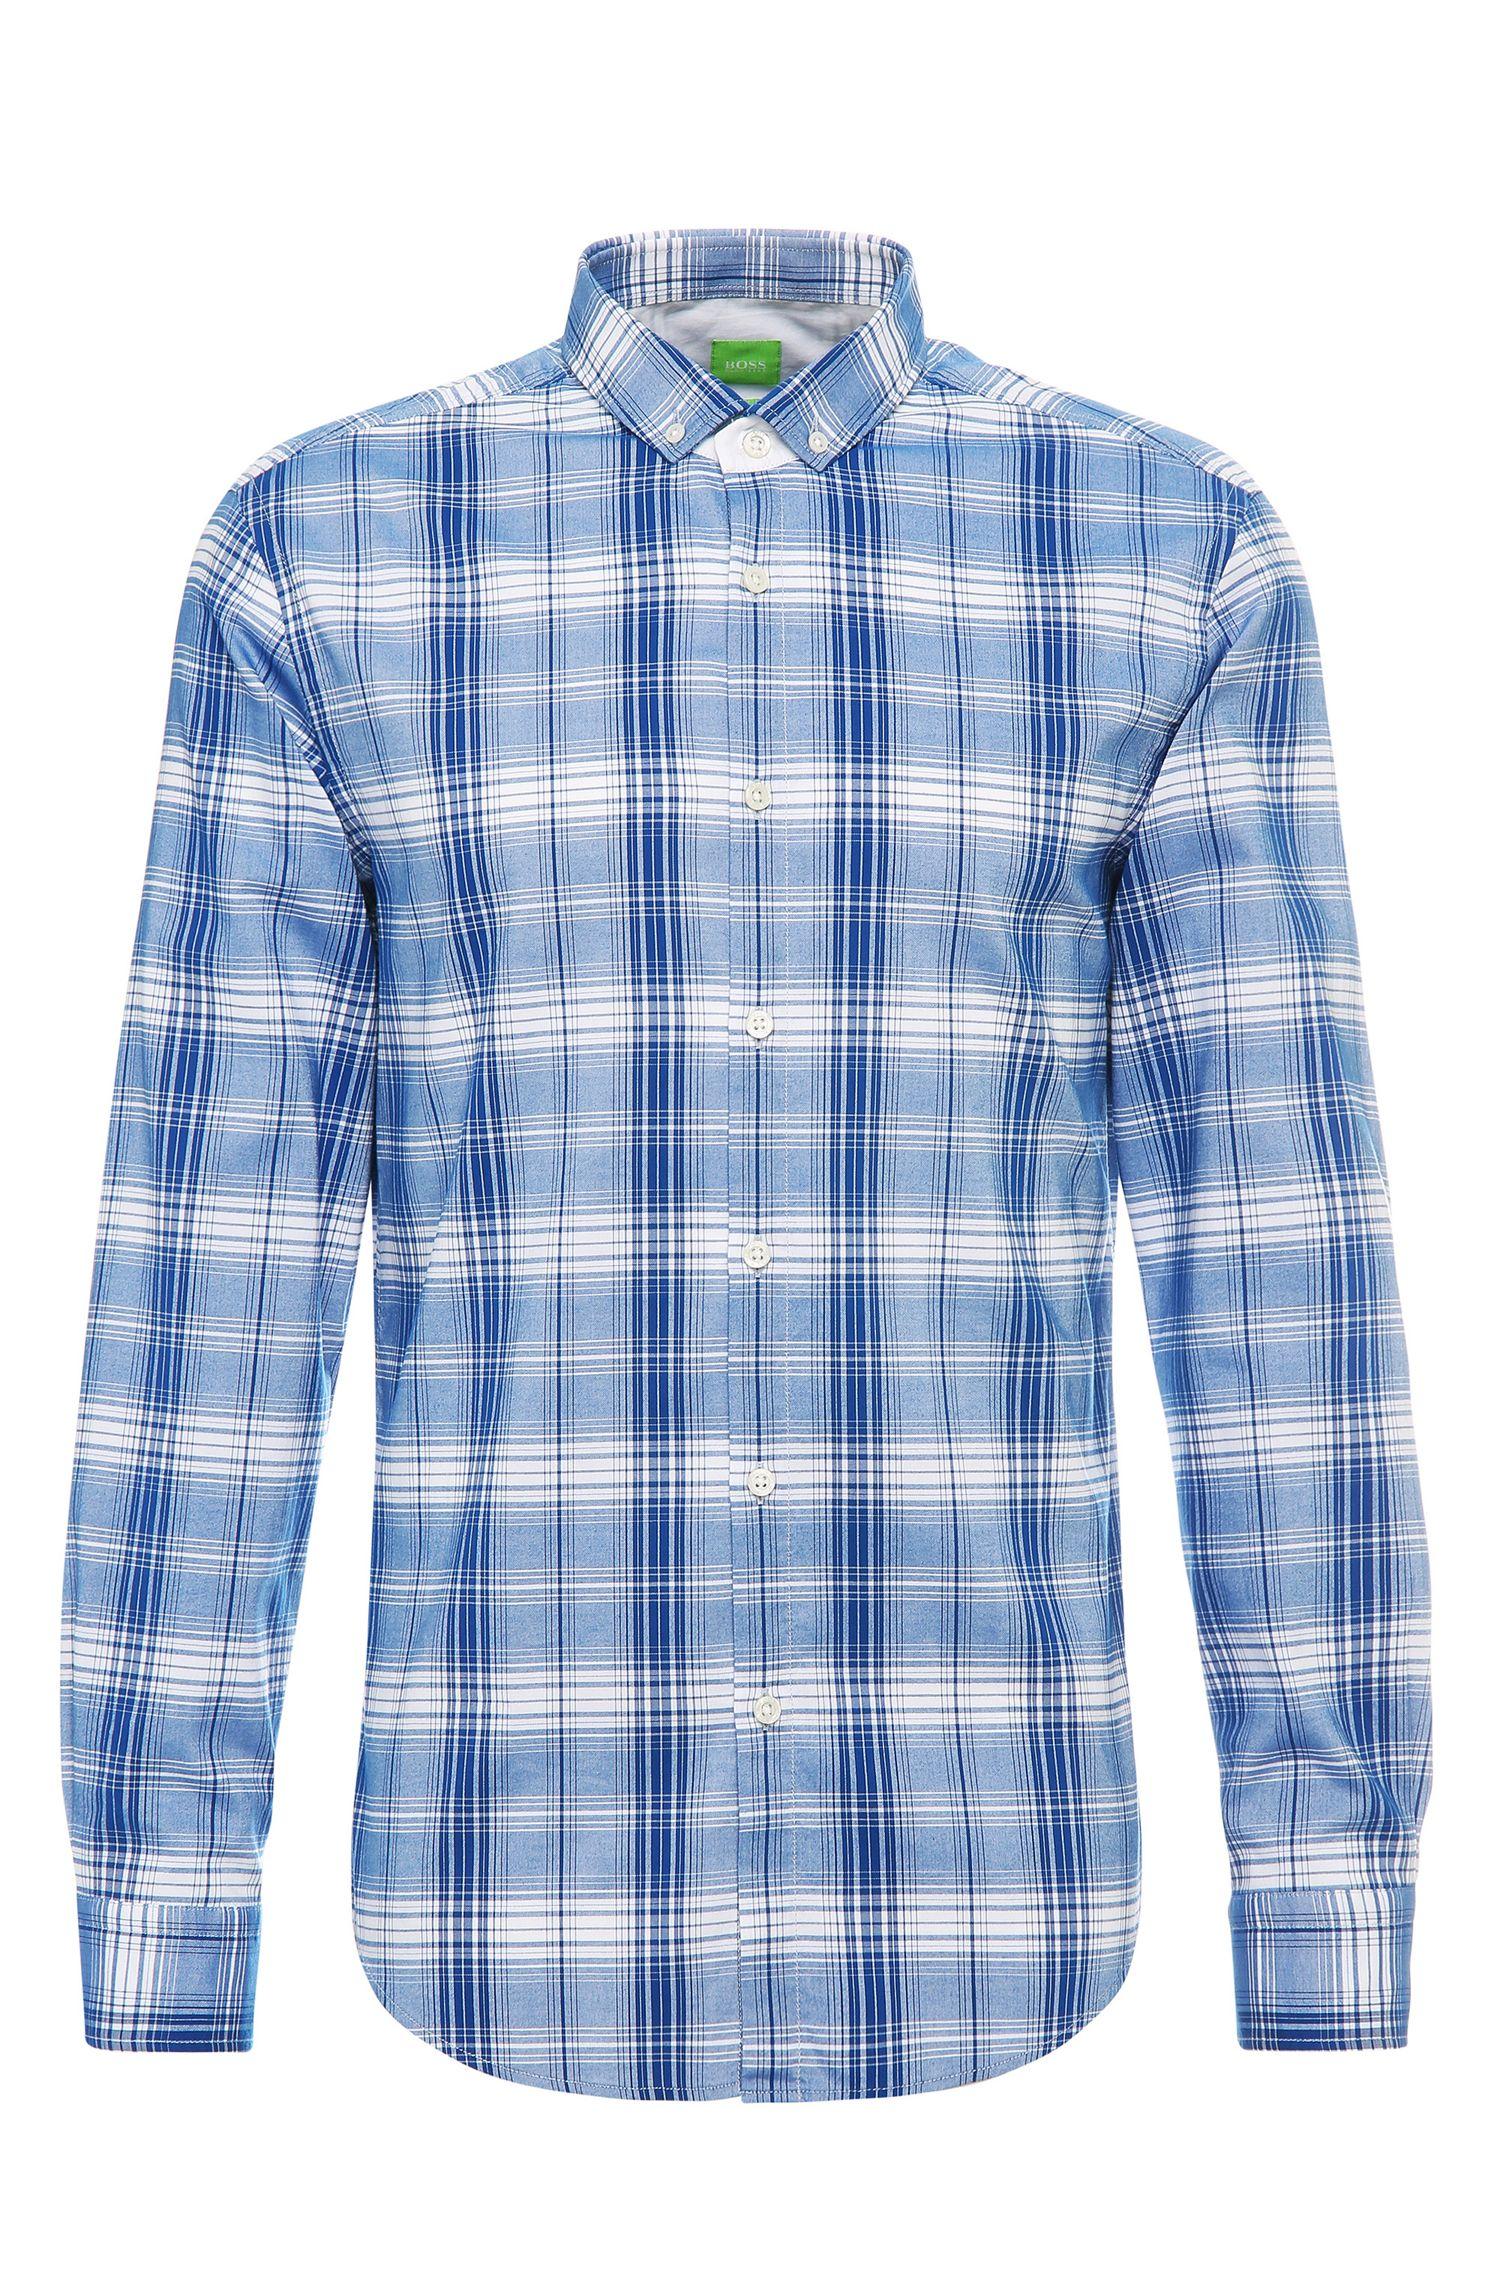 'C-Bilia'   Slim Fit, Plaid Cotton Button Down Shirt